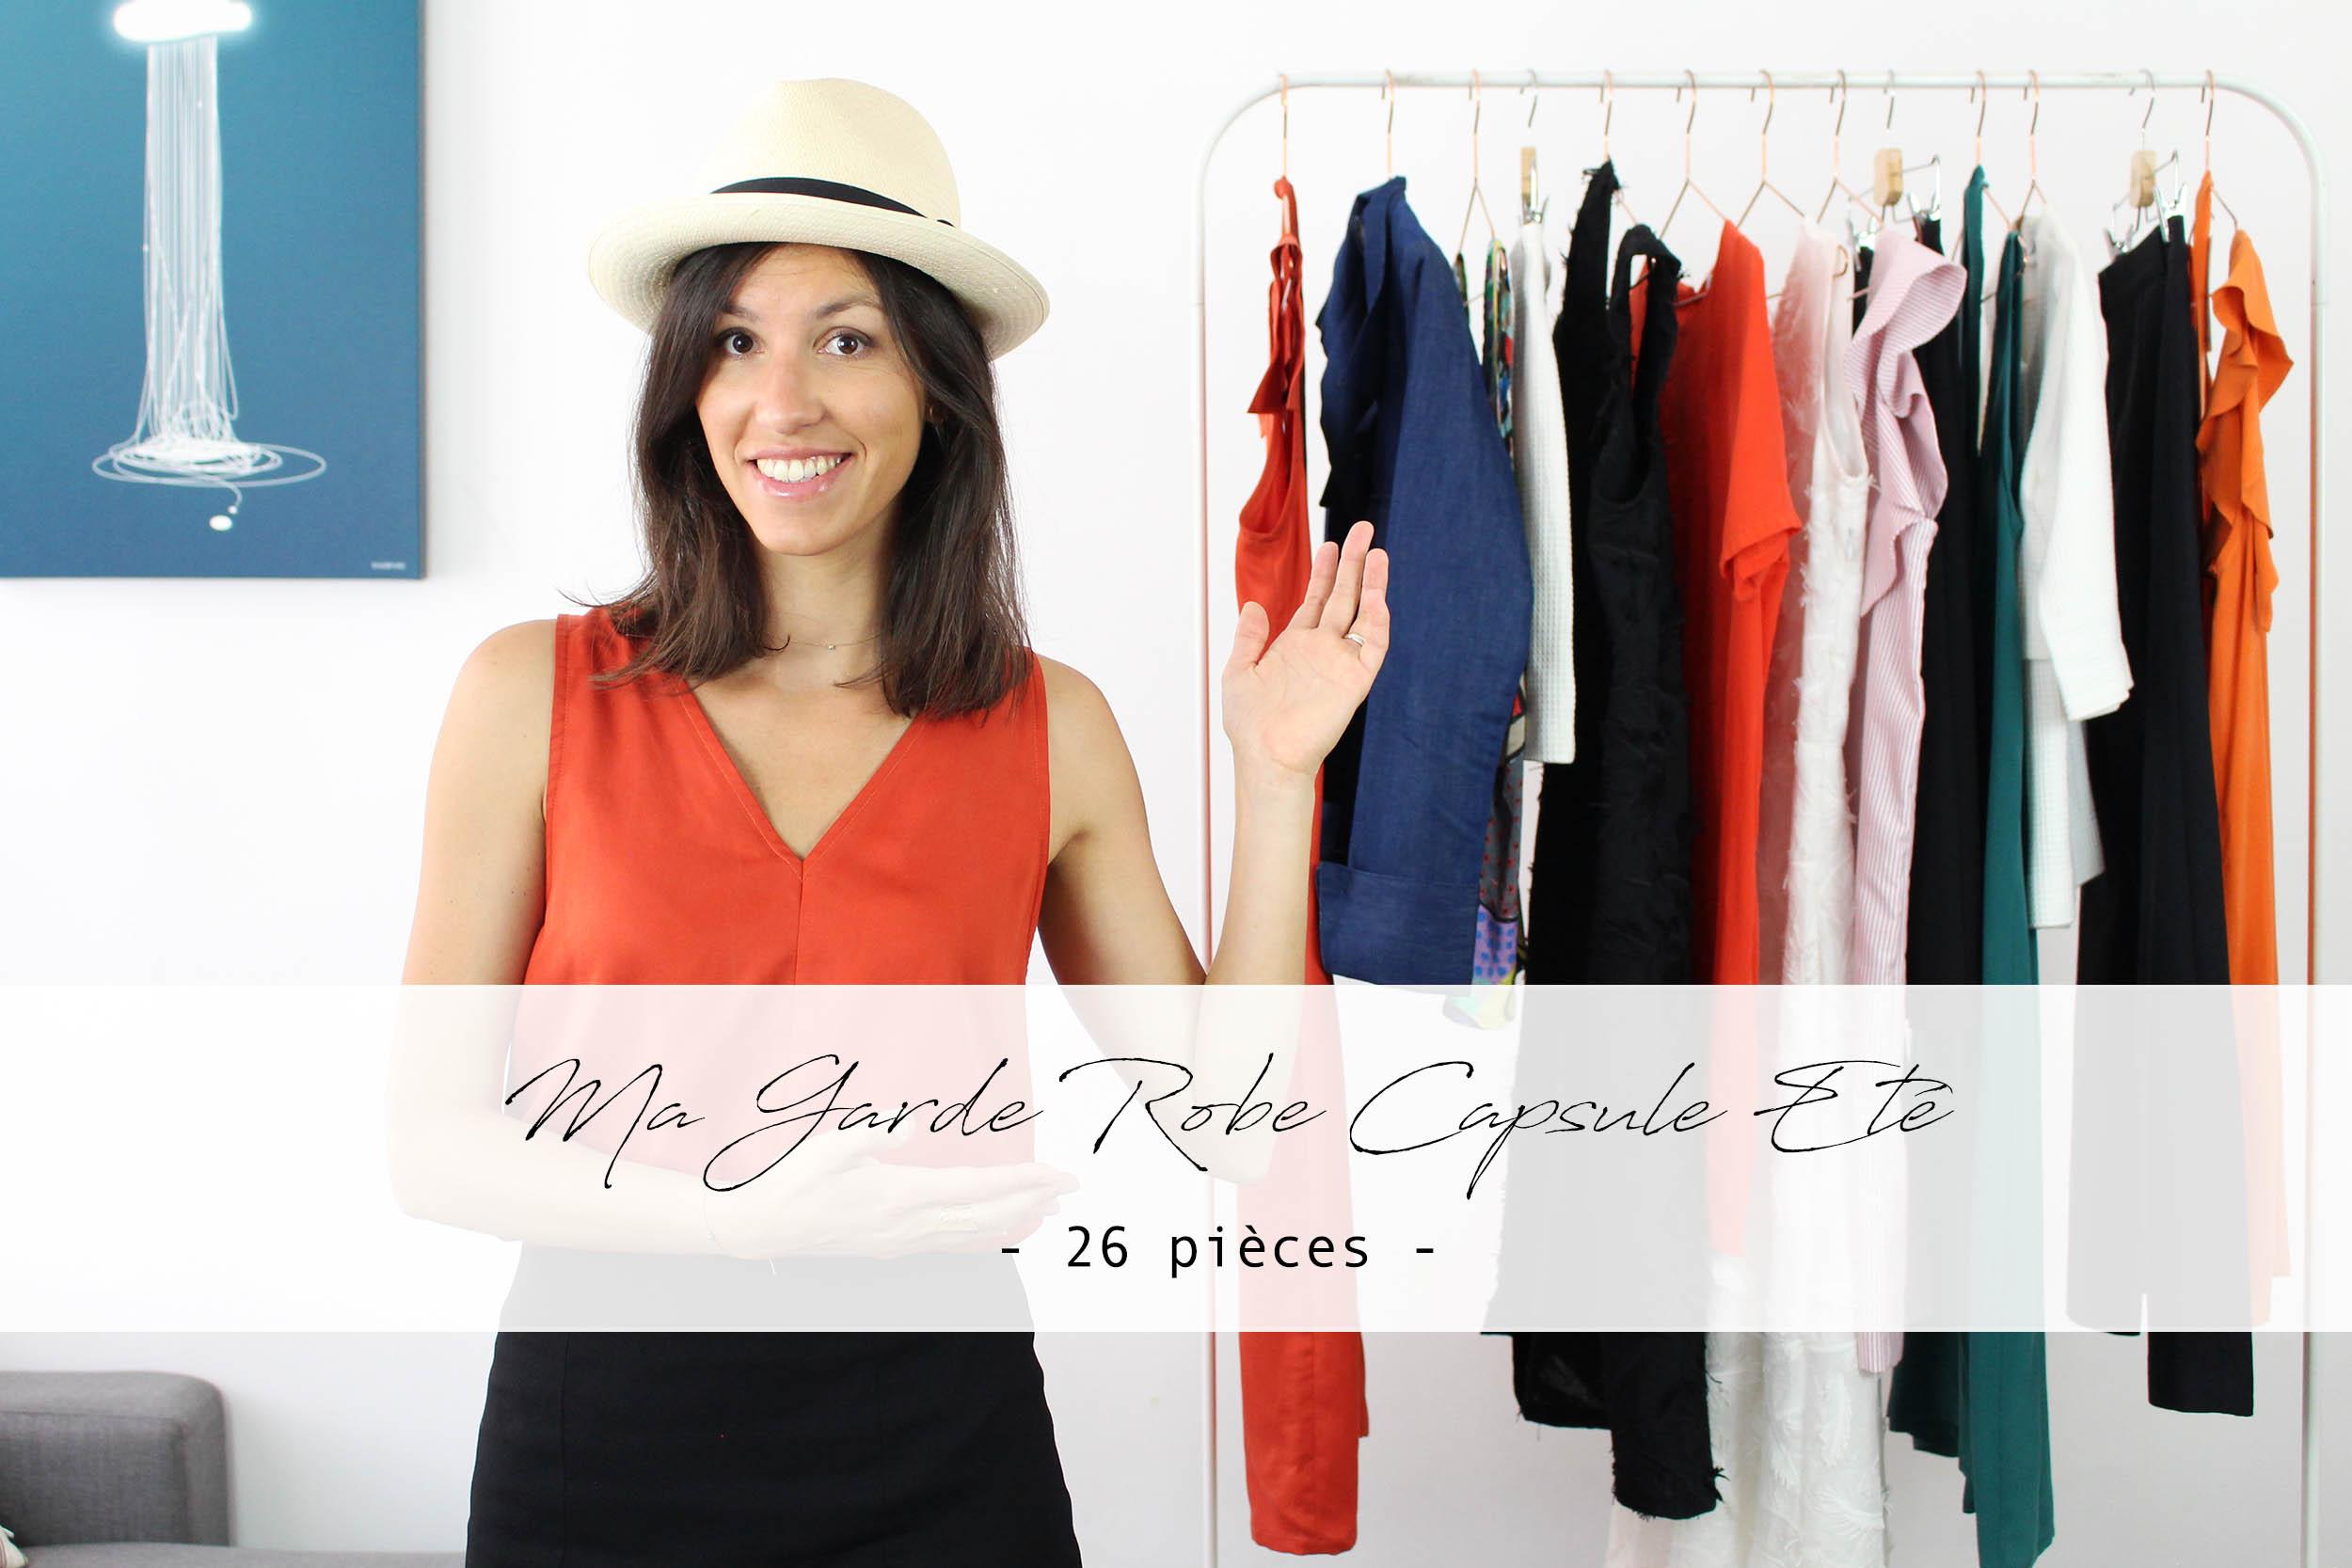 Ma Garde robe minimaliste été composée de 12 modèles   ATODE